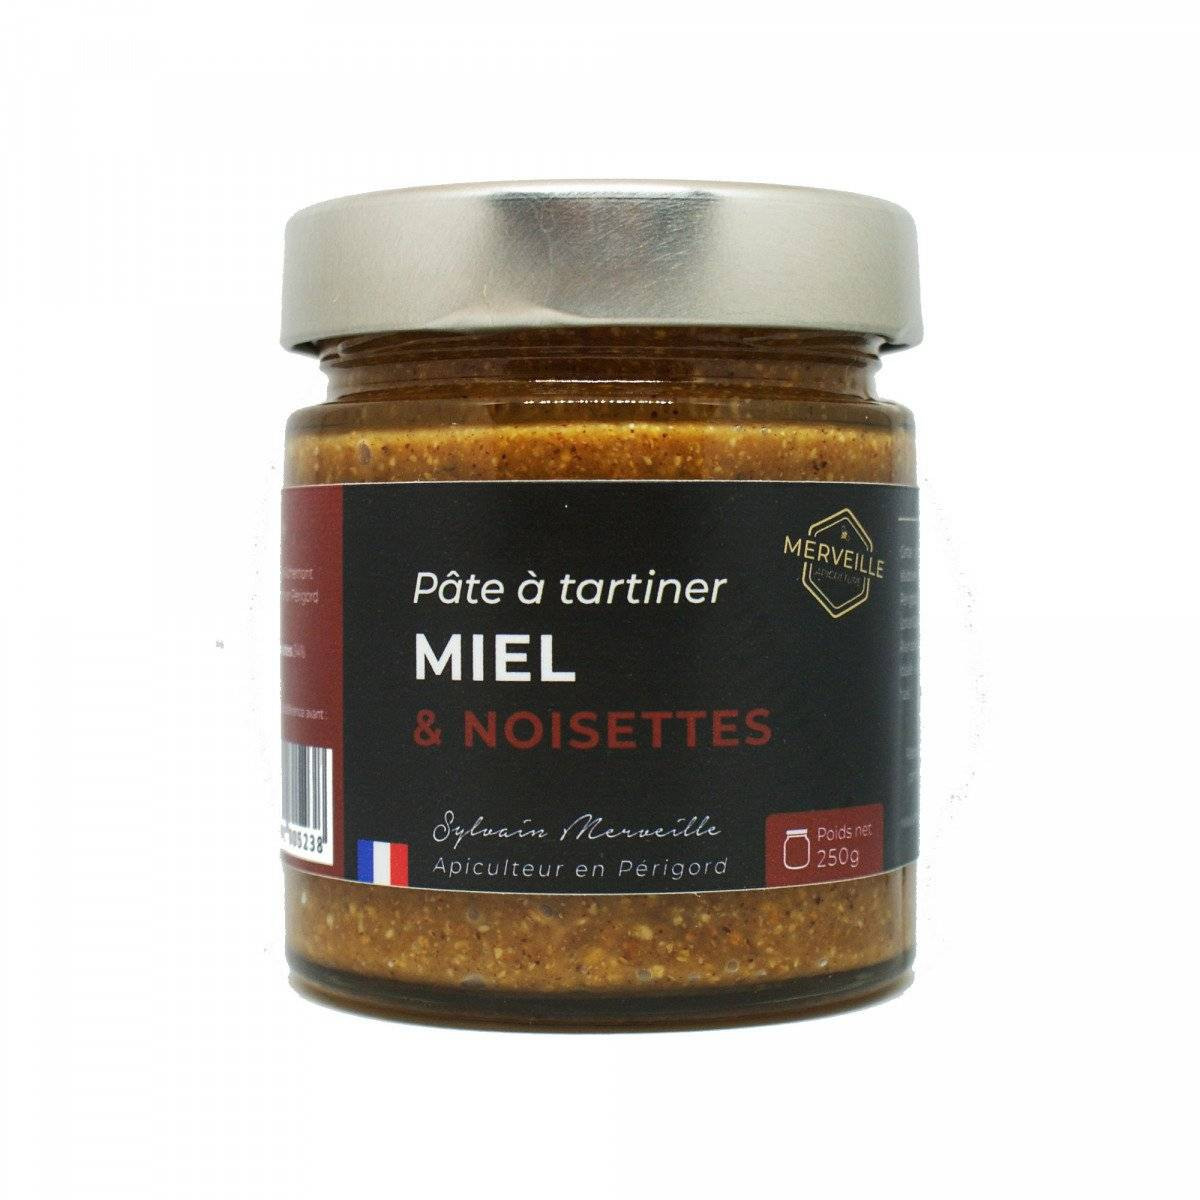 Merveille Apiculture Pâte À Tartiner Miel & Noisettes